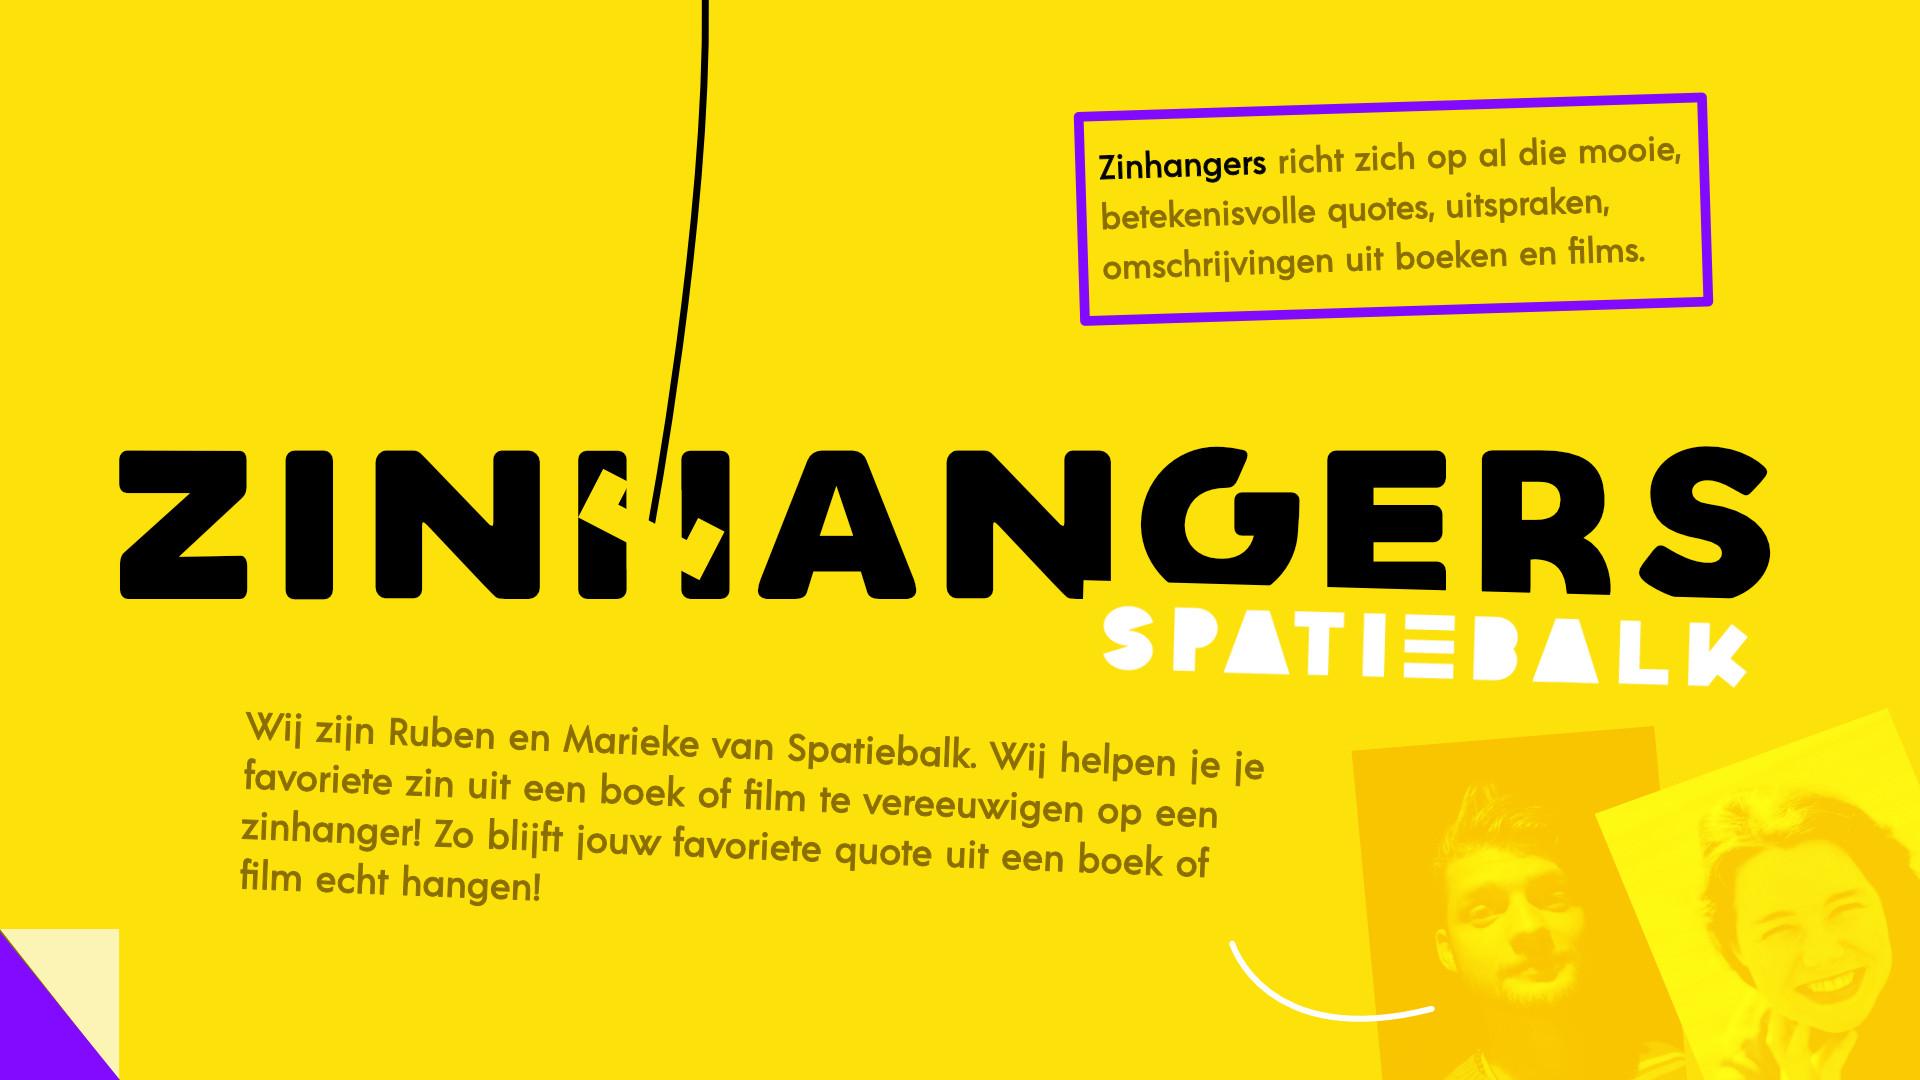 Zinhangers!